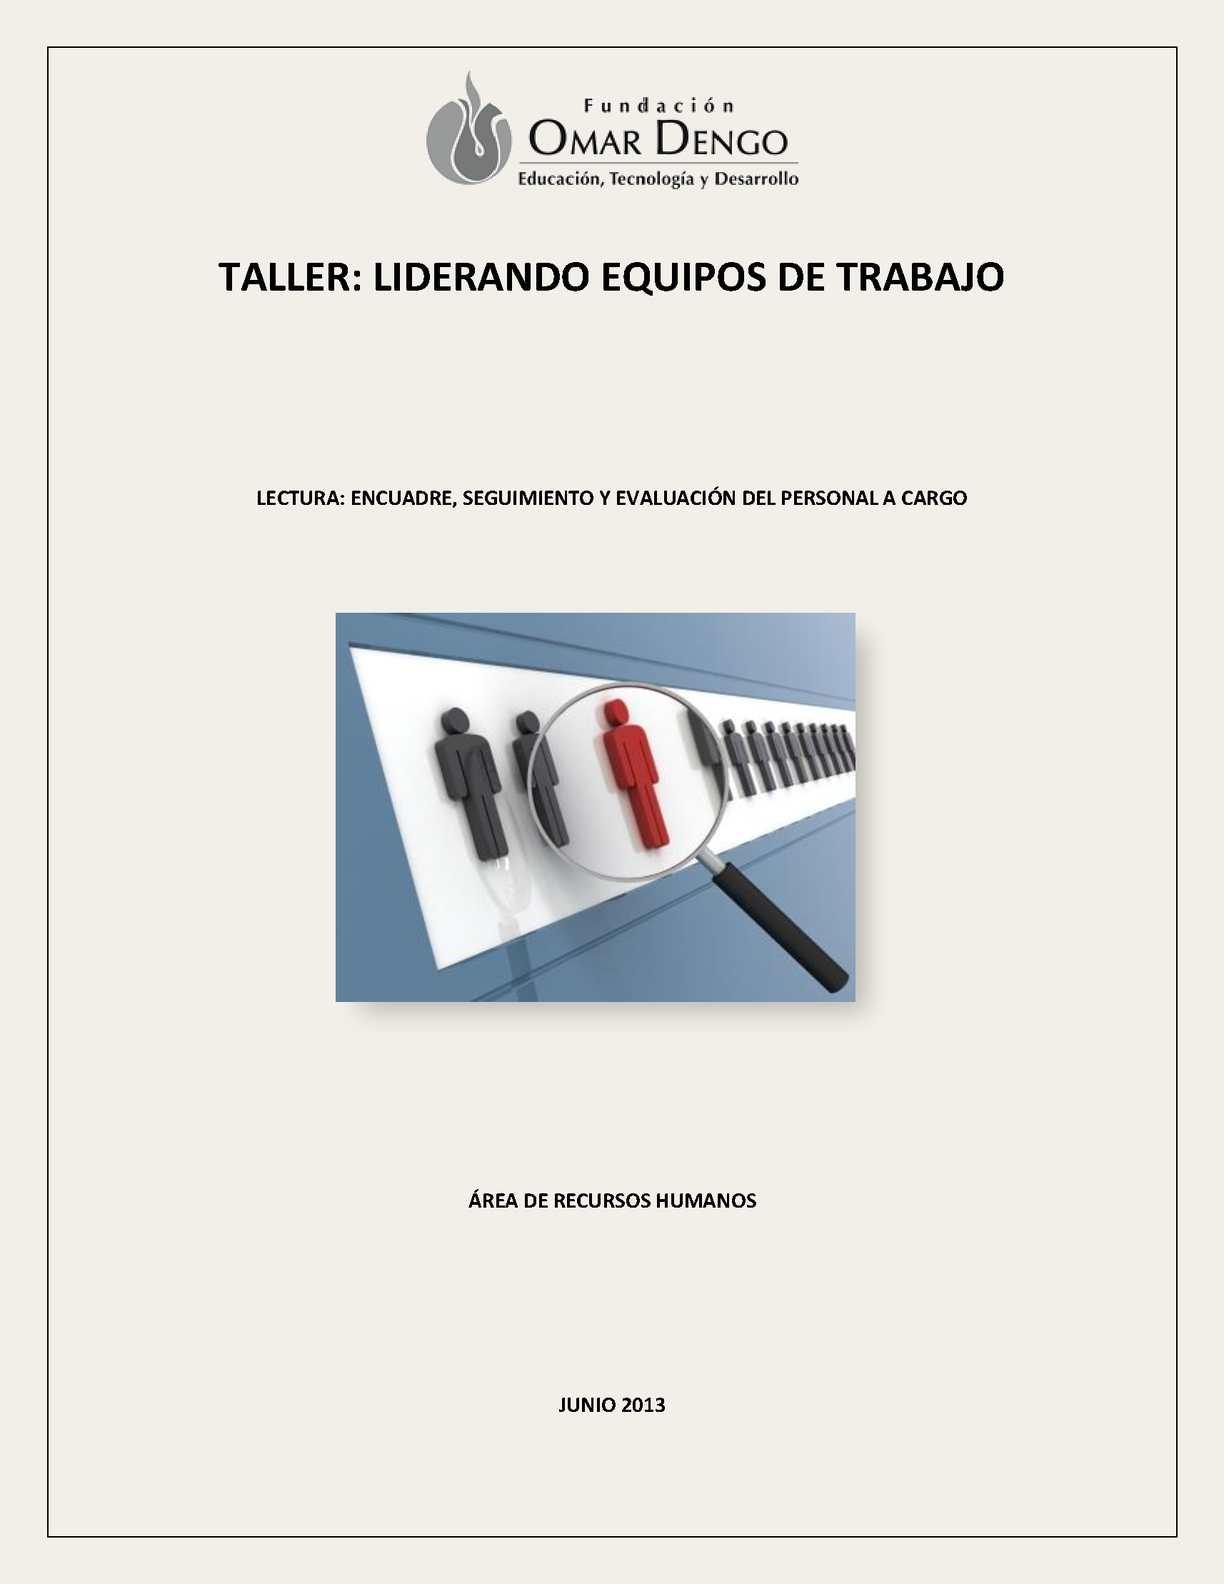 Calaméo - Encuadre, seguimiento y evaluación del personal